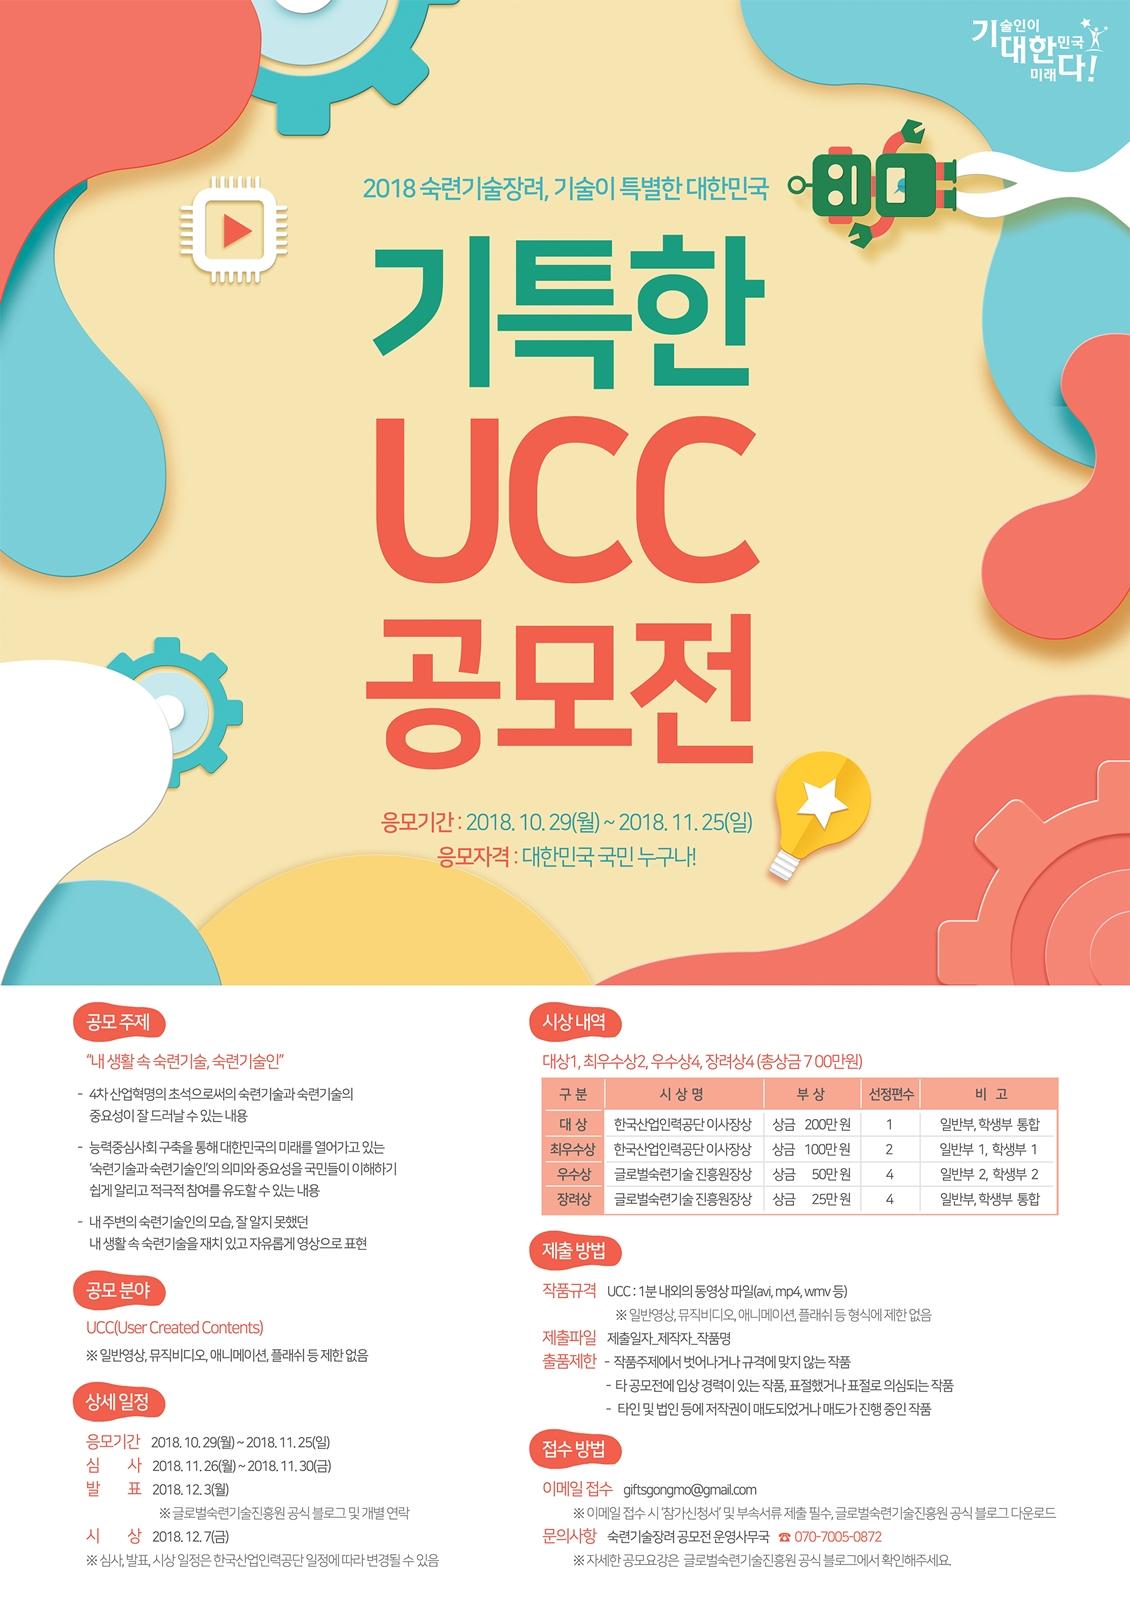 2018 숙련기술장려 기특한 UCC 공모전